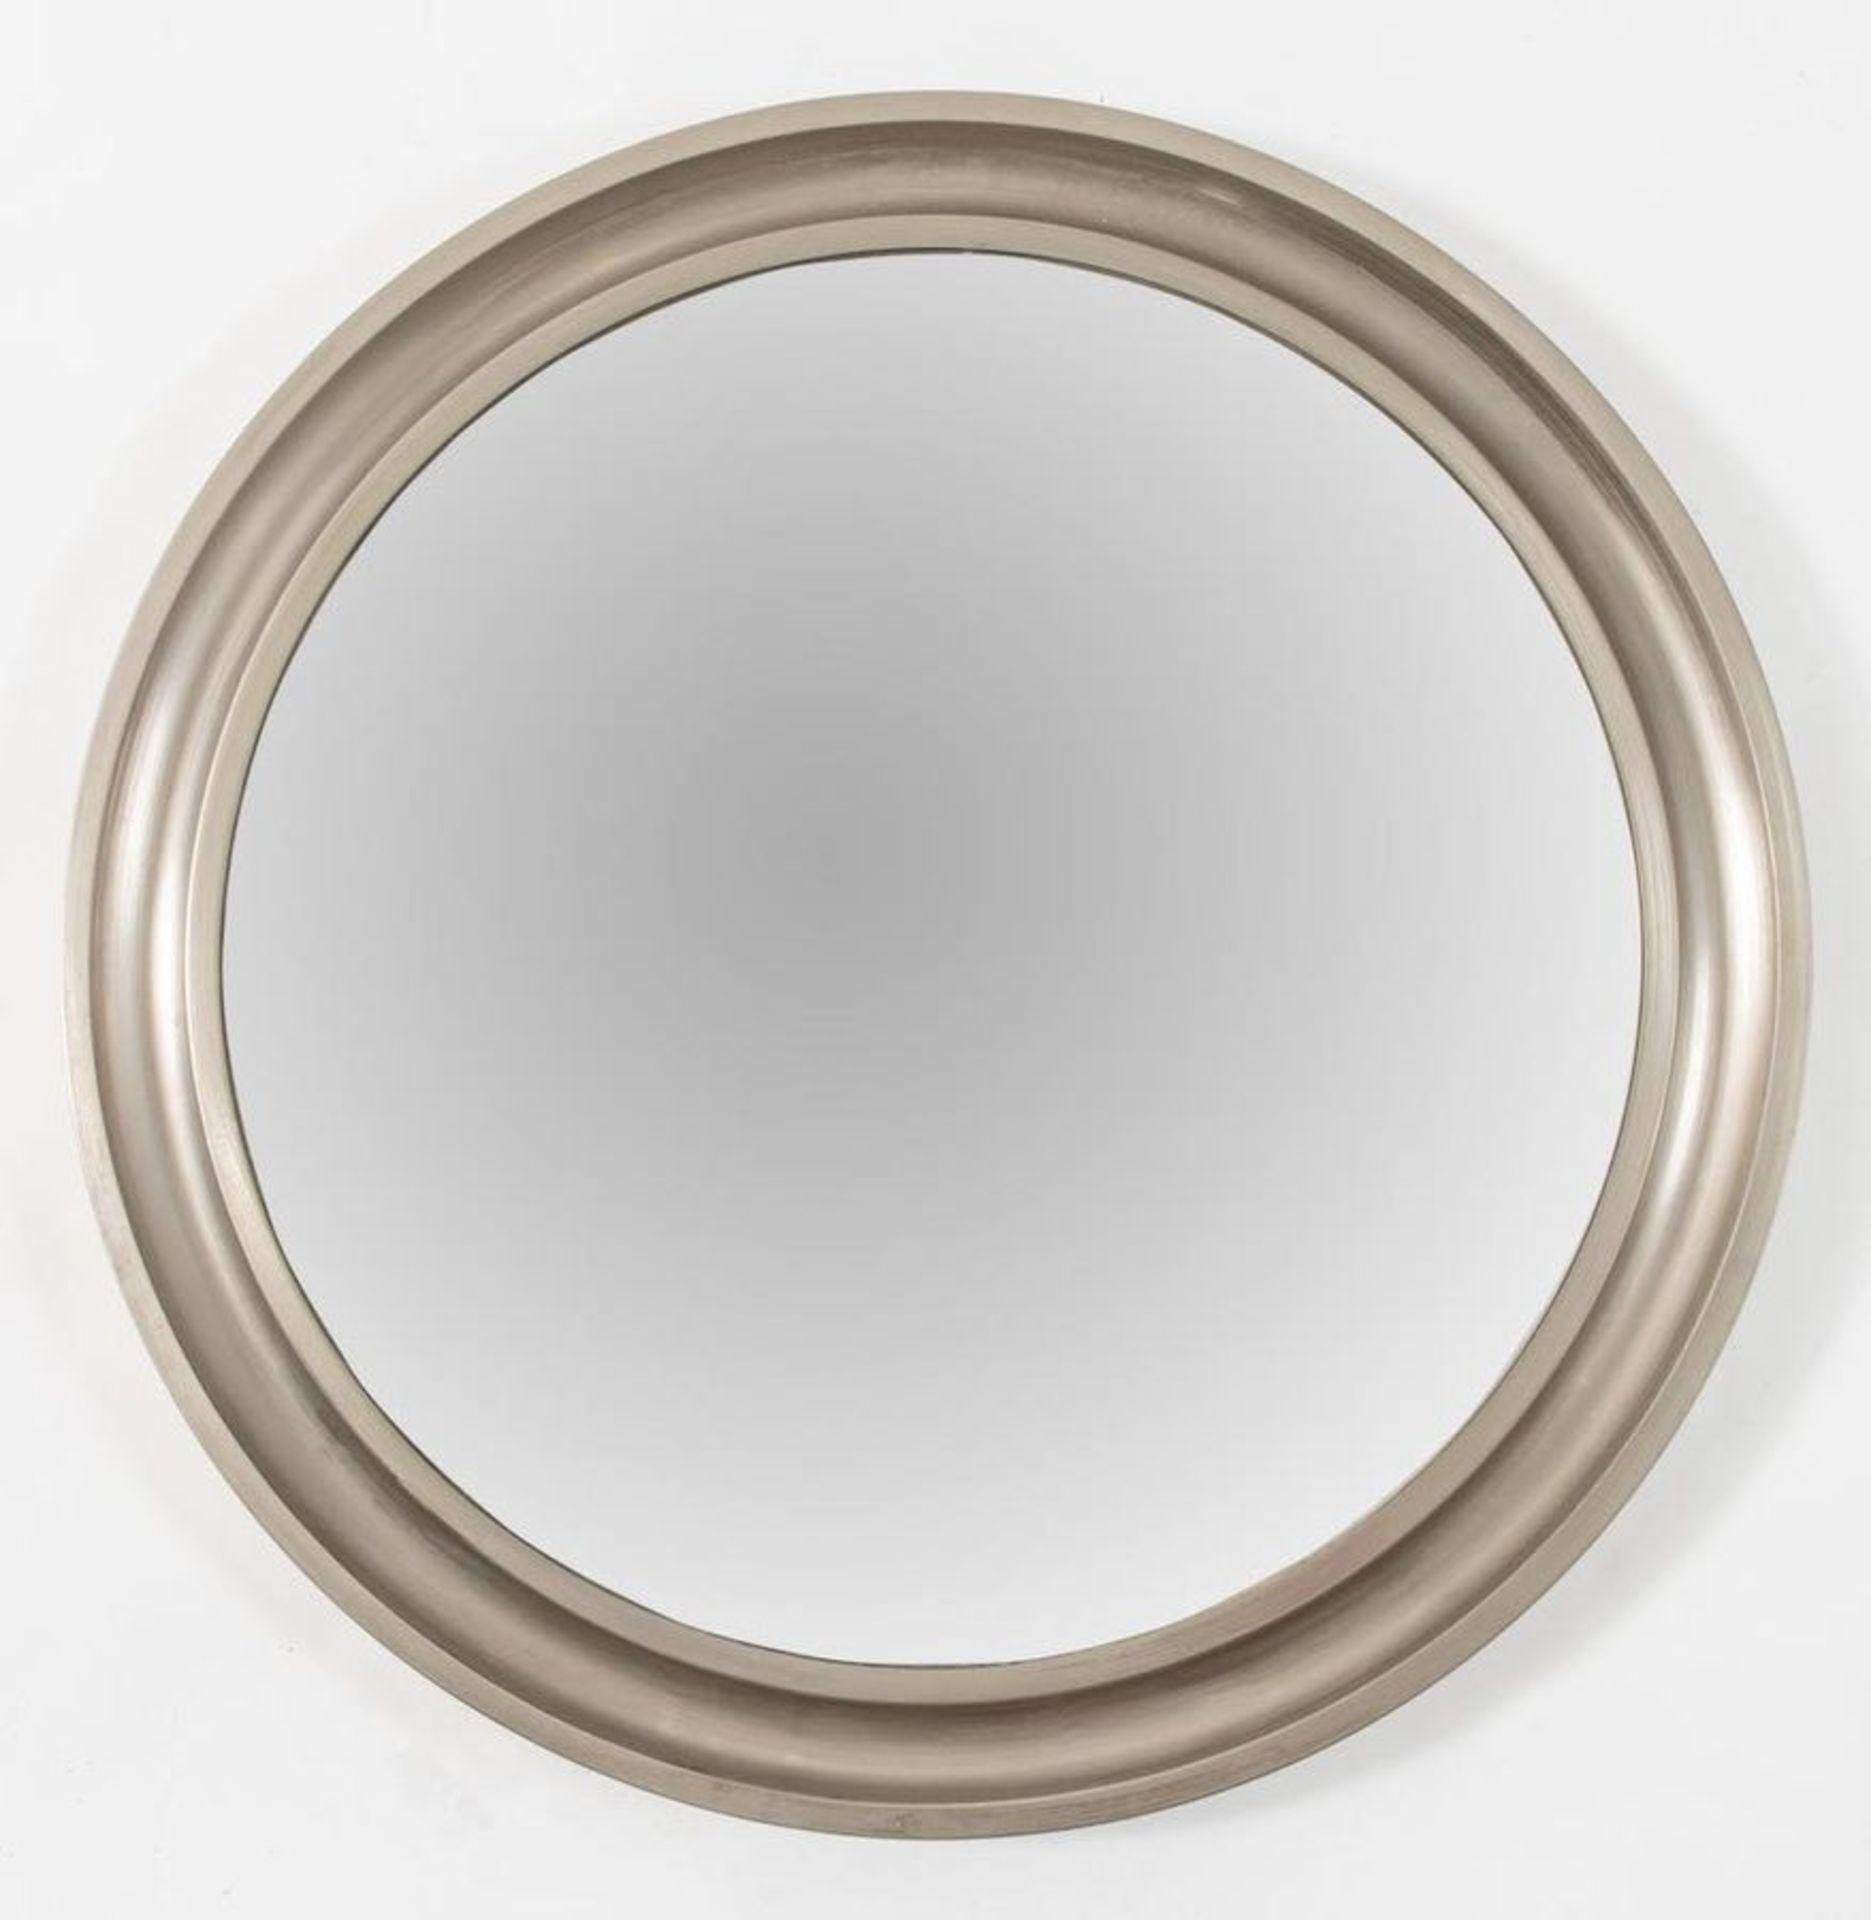 SERGIO MAZZA Specchio da parete in metallo. Prod. Artemide, Italia, 1970 ca. Cm 62x62x3,5.